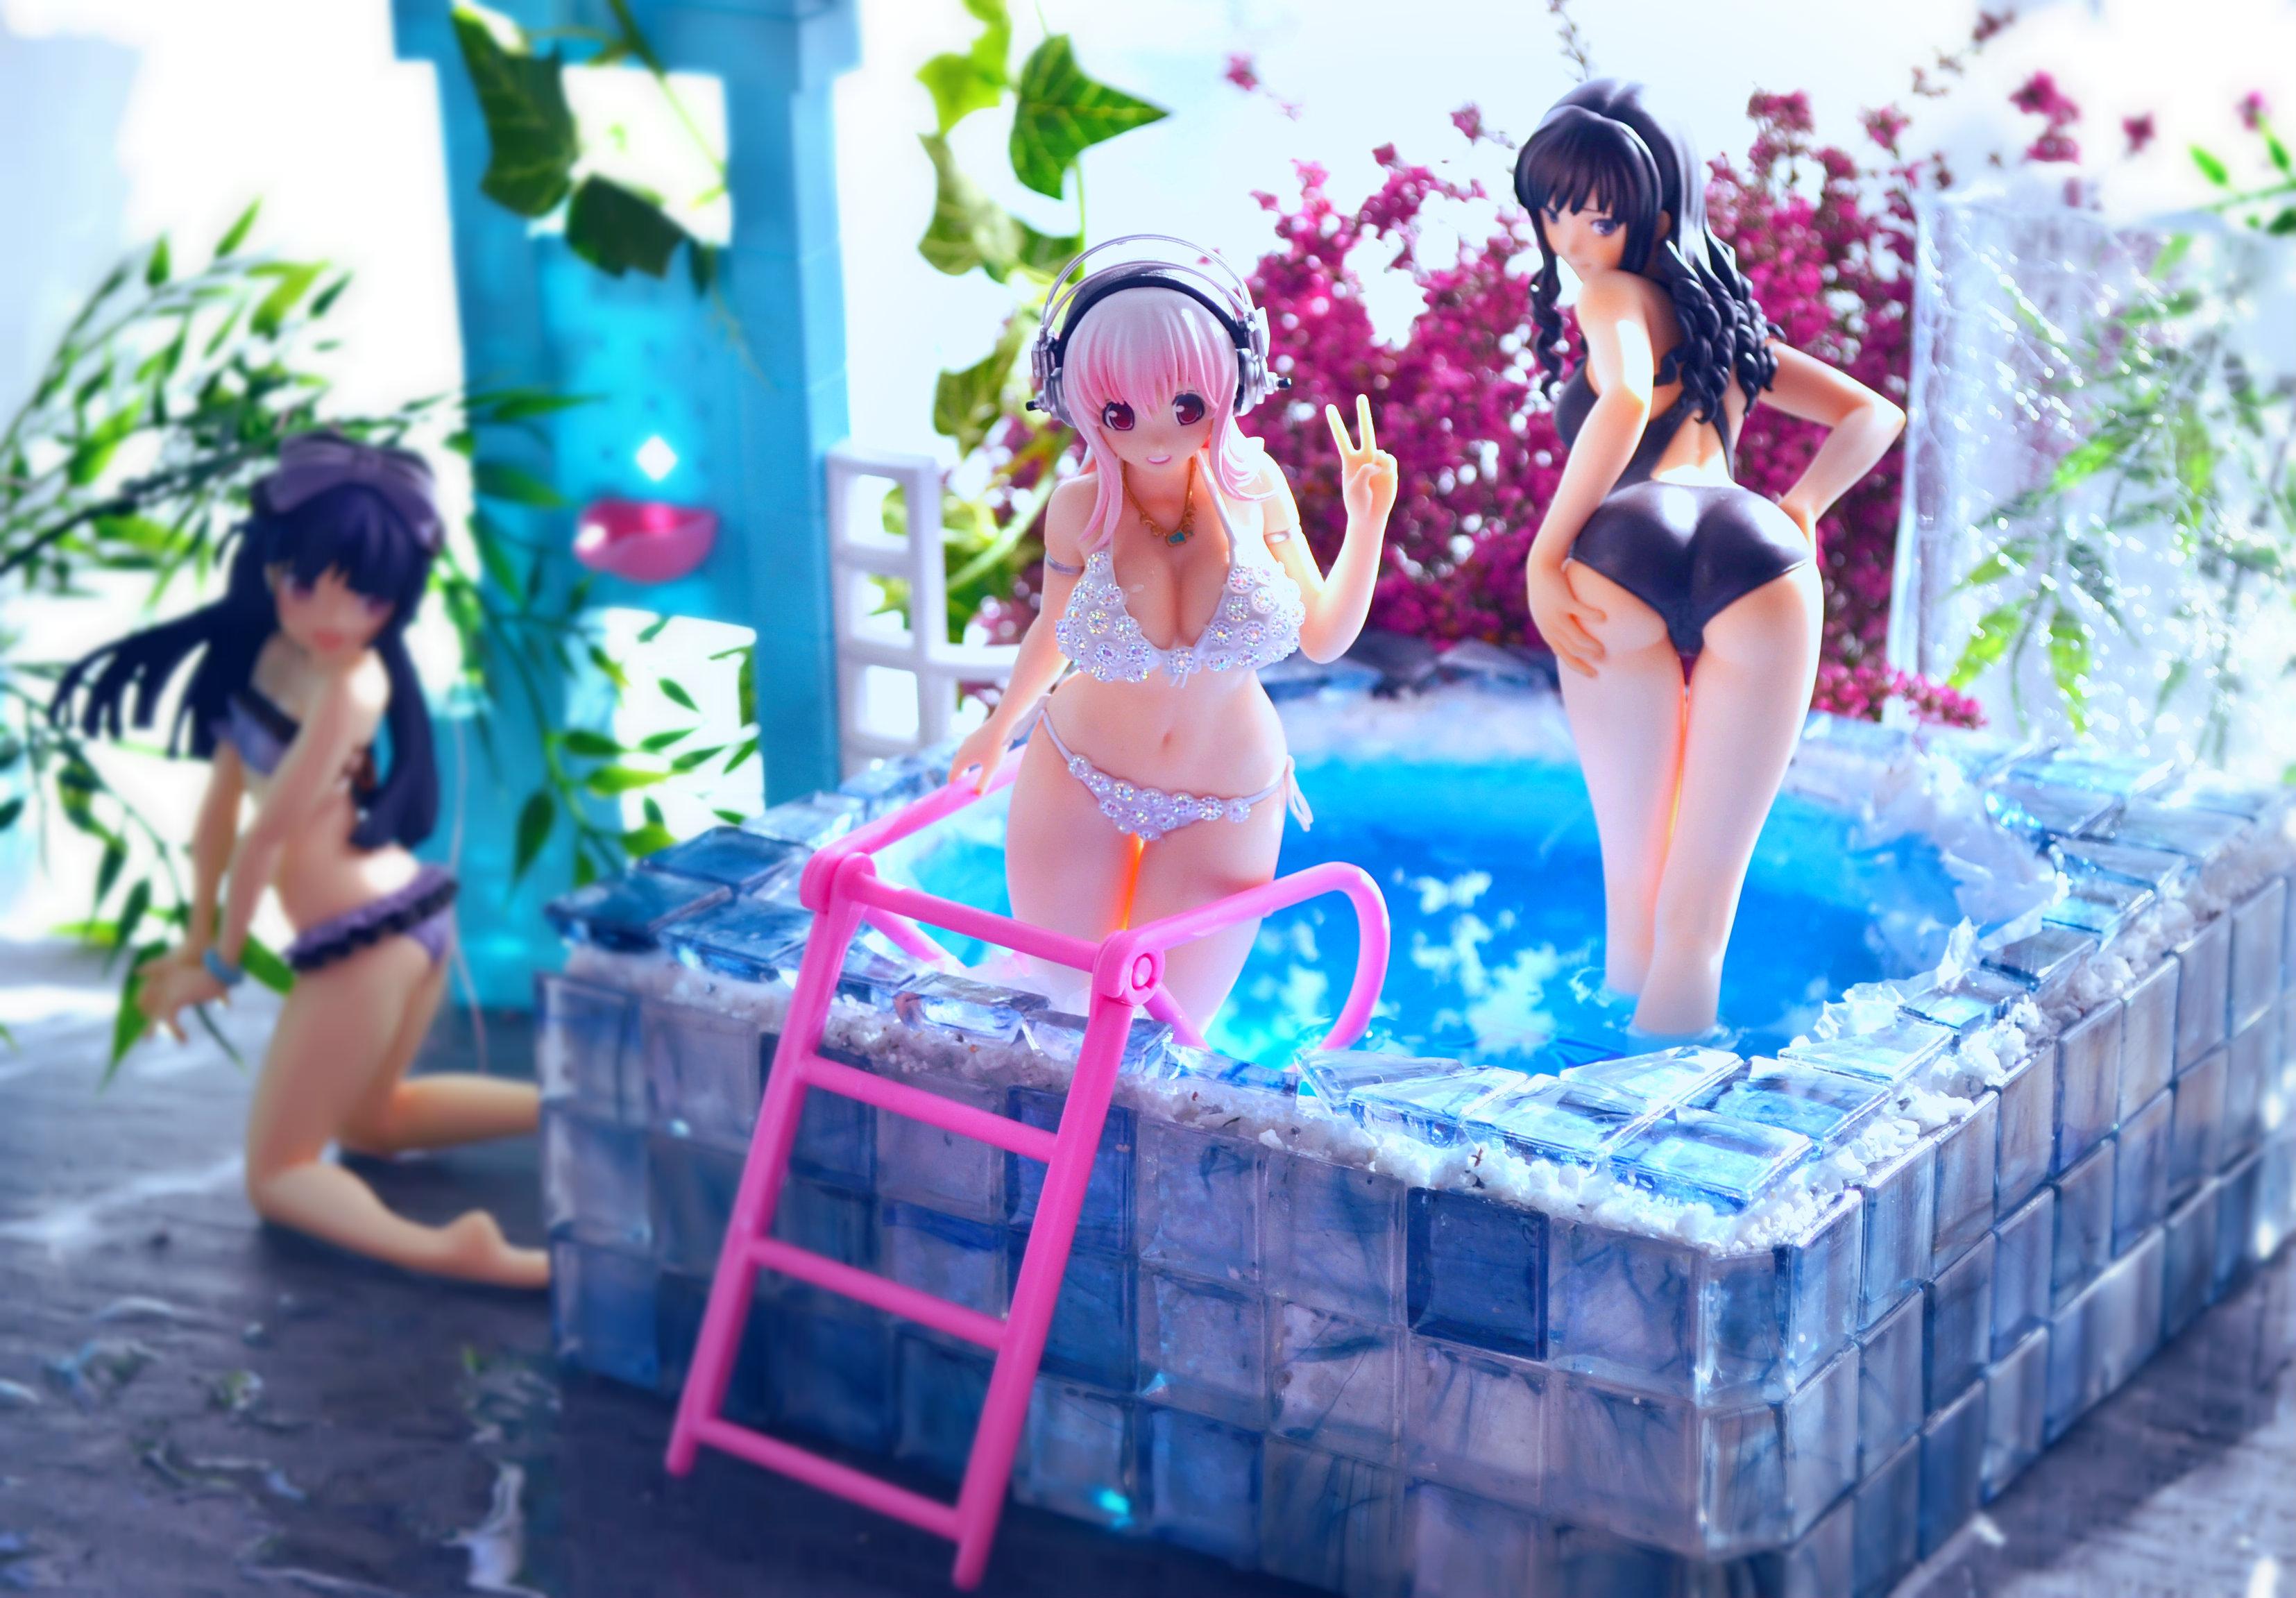 max_factory enterbrain nanako taito ascii_media_works amagami sonico nitroplus ore_no_imouto_ga_konna_ni_kawaii_wake_ga_nai gokou_ruri nitro_super_sonic uchijima_yasuhiro fushimi_tsukasa morishima_haruka kanzaki_hiro orca_toys